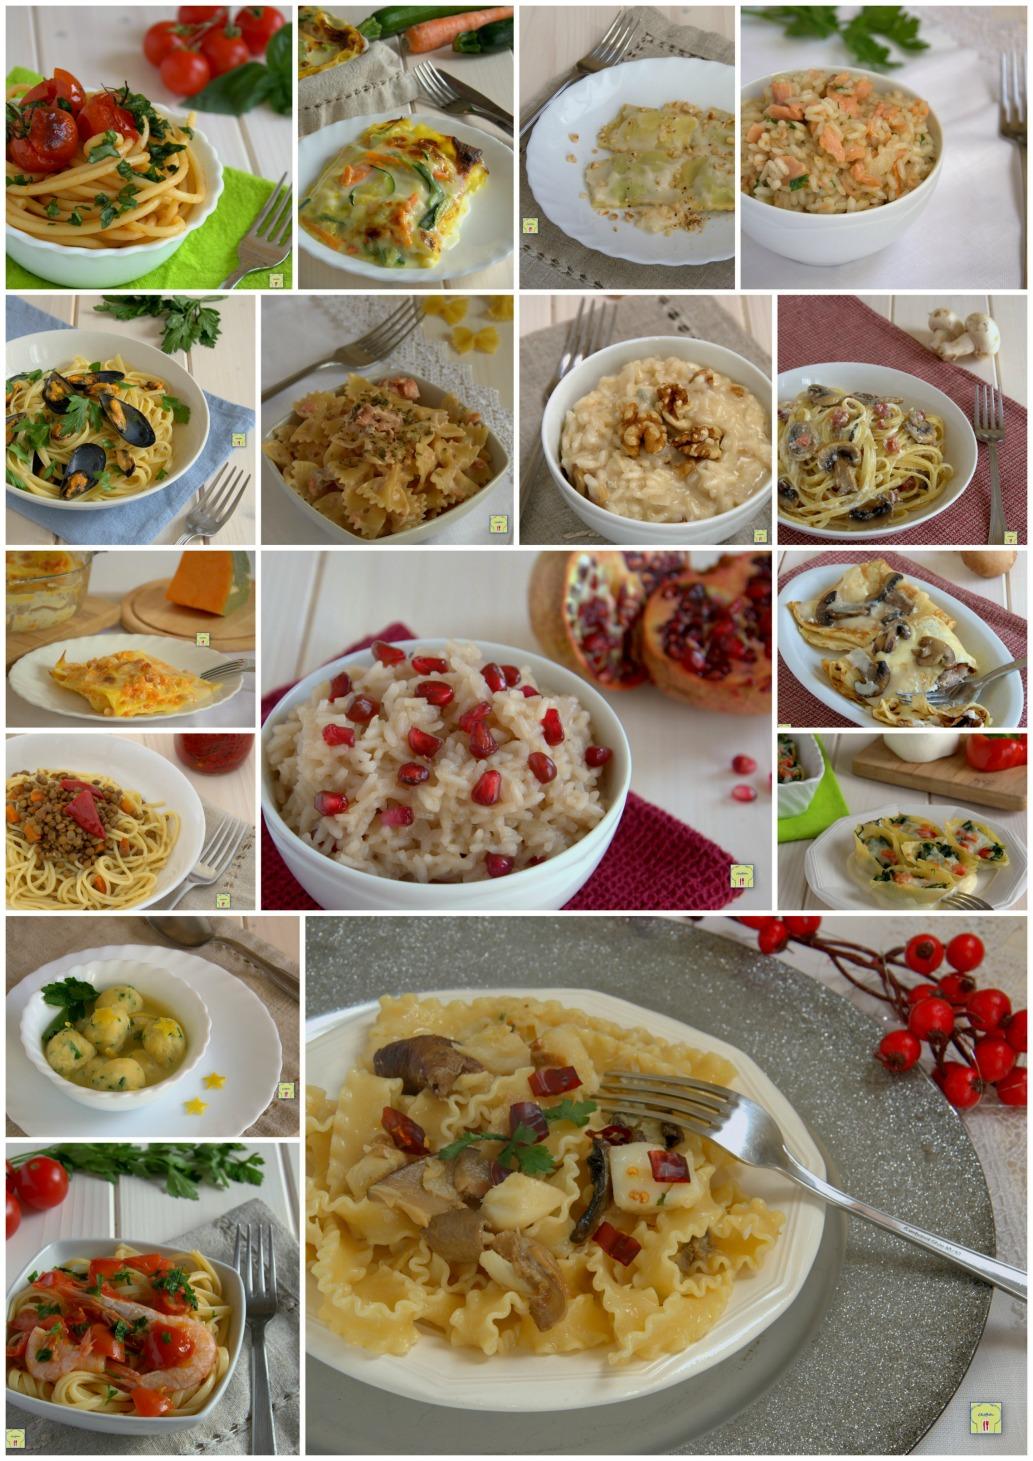 Primi piatti per le feste di natale ricette per tutti i gusti for Ricette per primi piatti